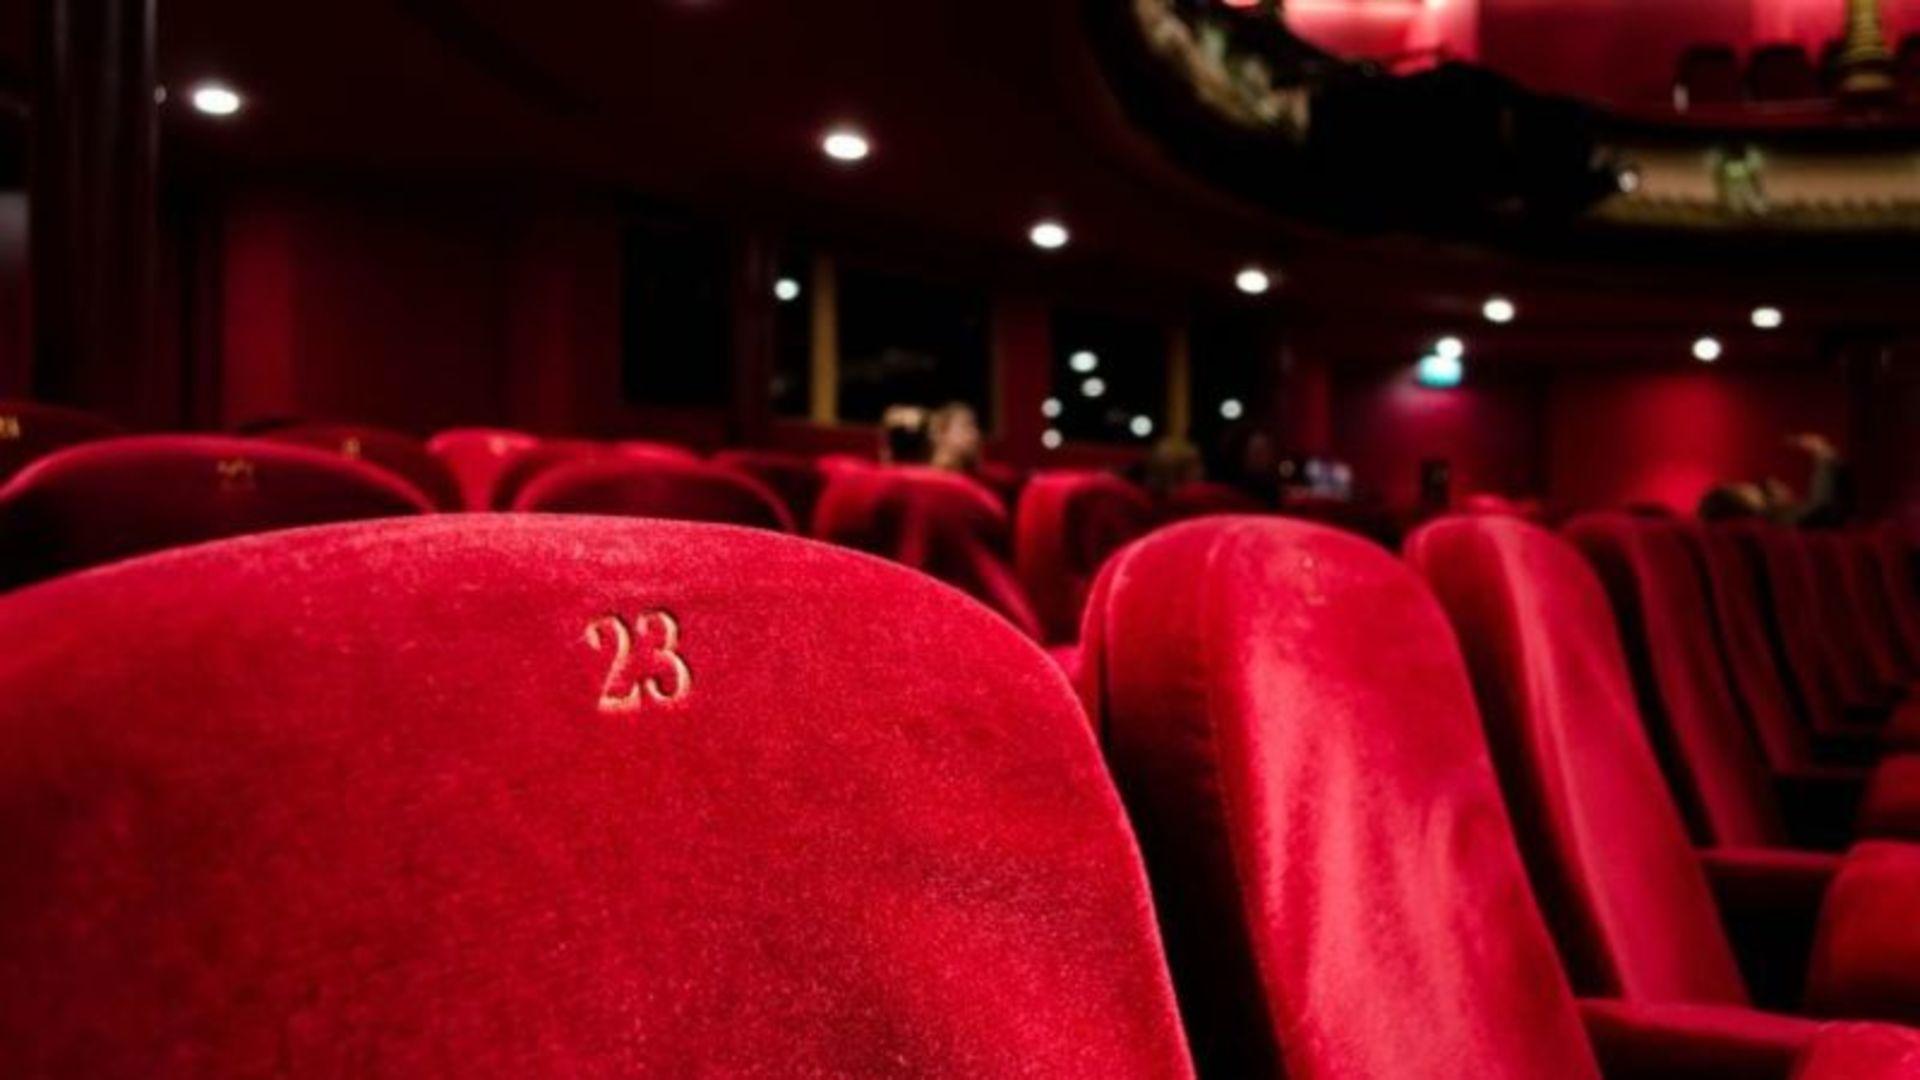 Vlaamse bioscopen boos over verbod op verkoop van etenswaren